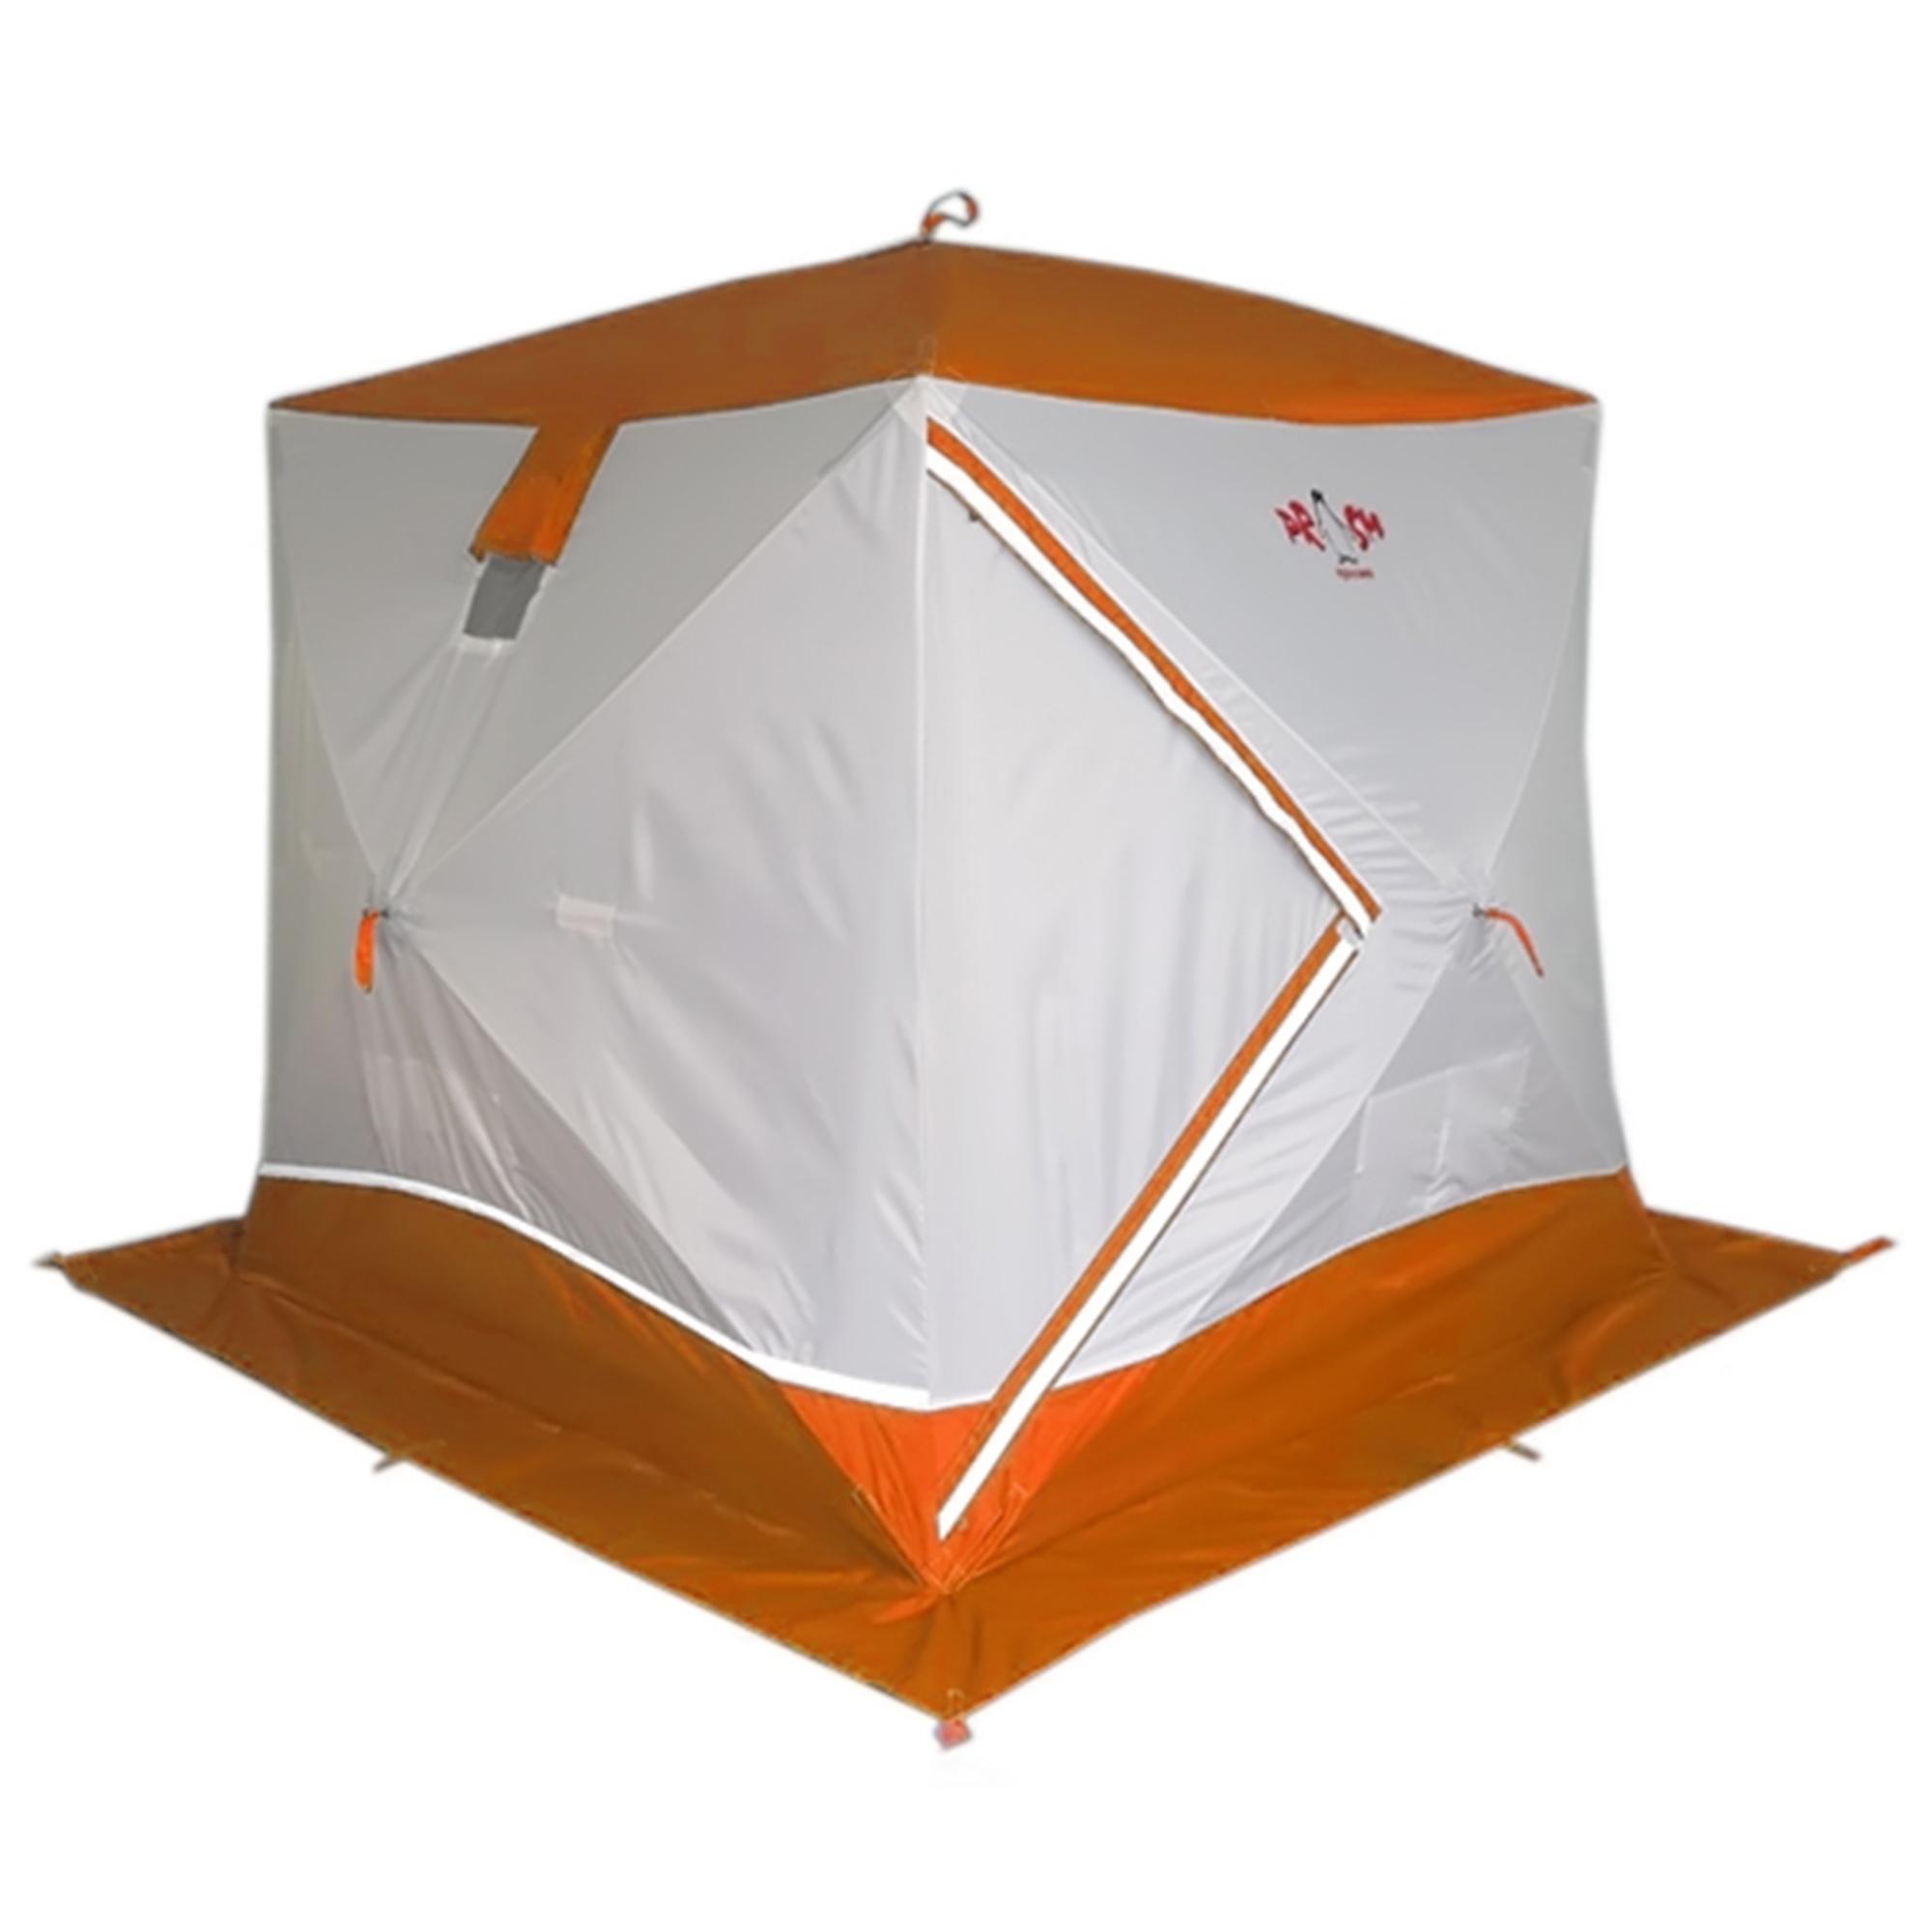 Палатка-куб ПИНГВИН Призма Премиум STRONG (1-сл, 225*215), Палатки - арт. 1128450162